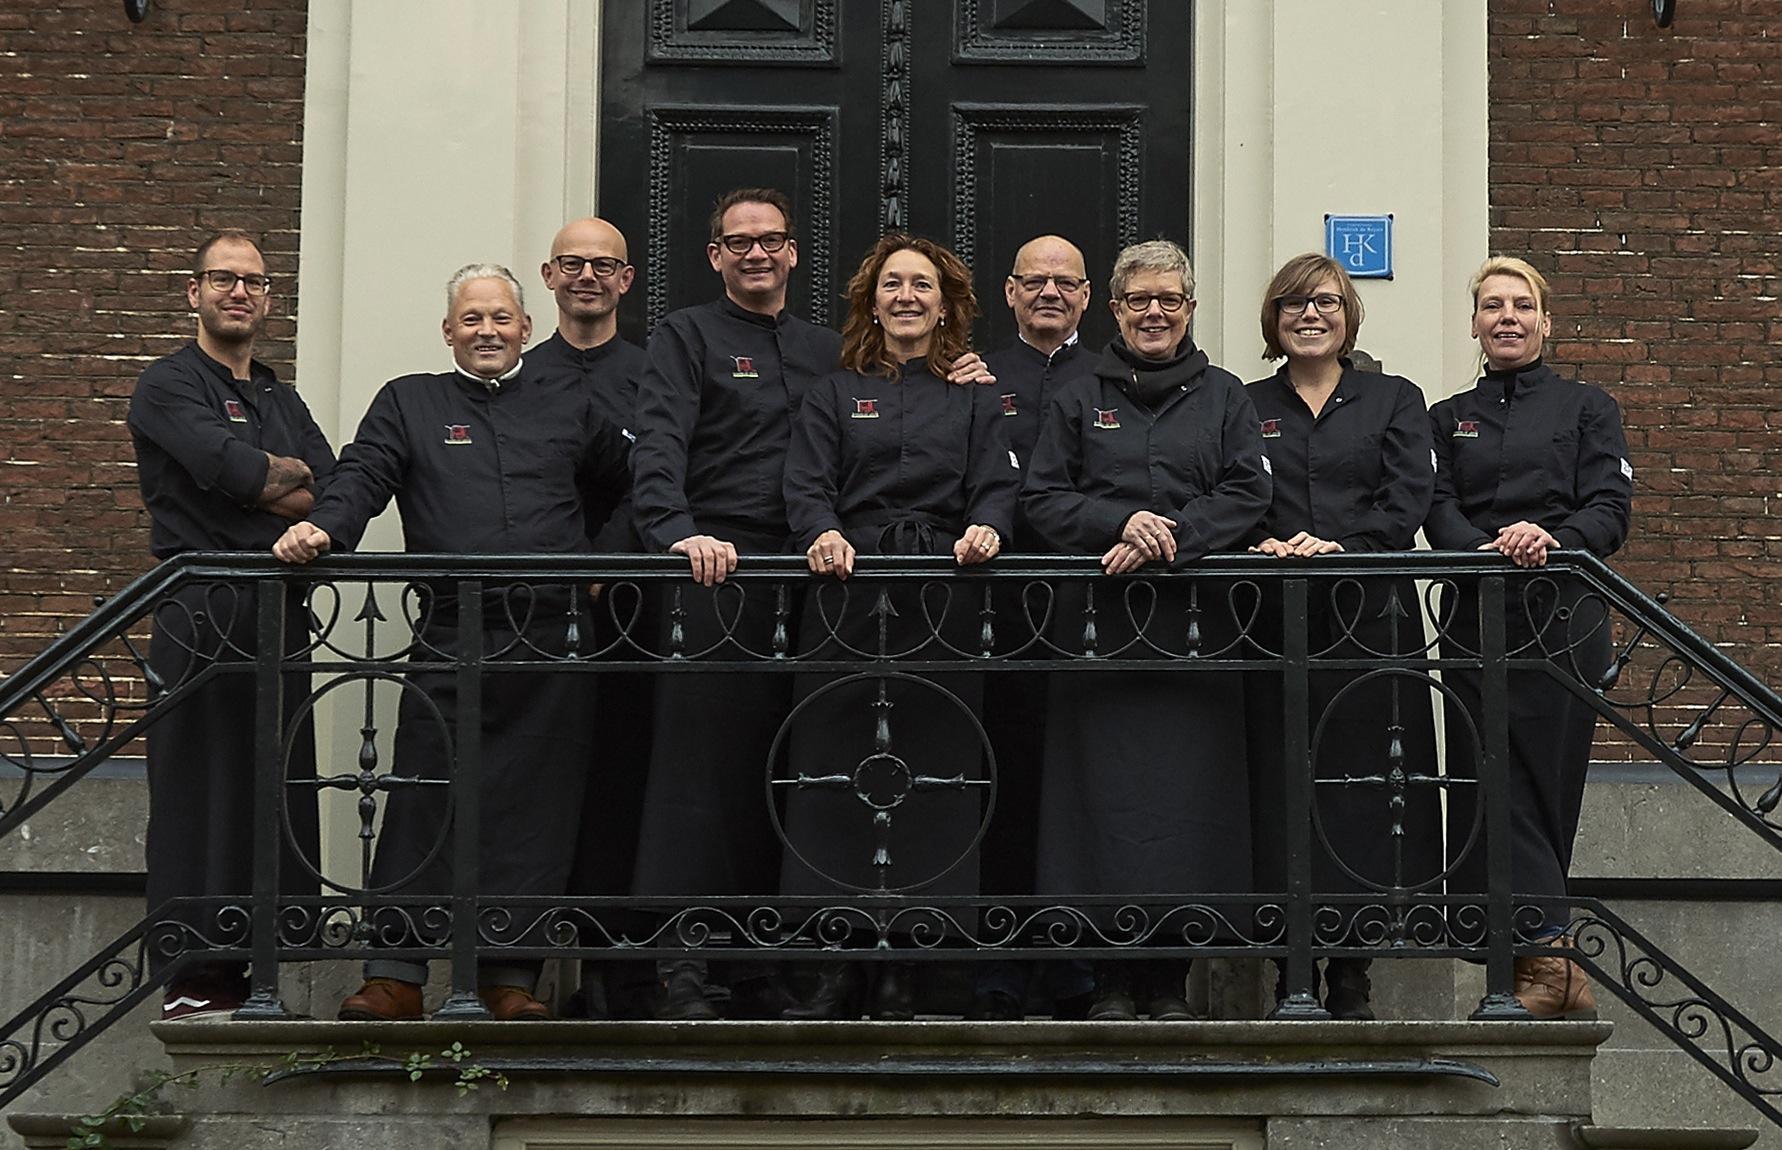 Slagerij De Leeuw Utrechtsestraat92 Amsterdam